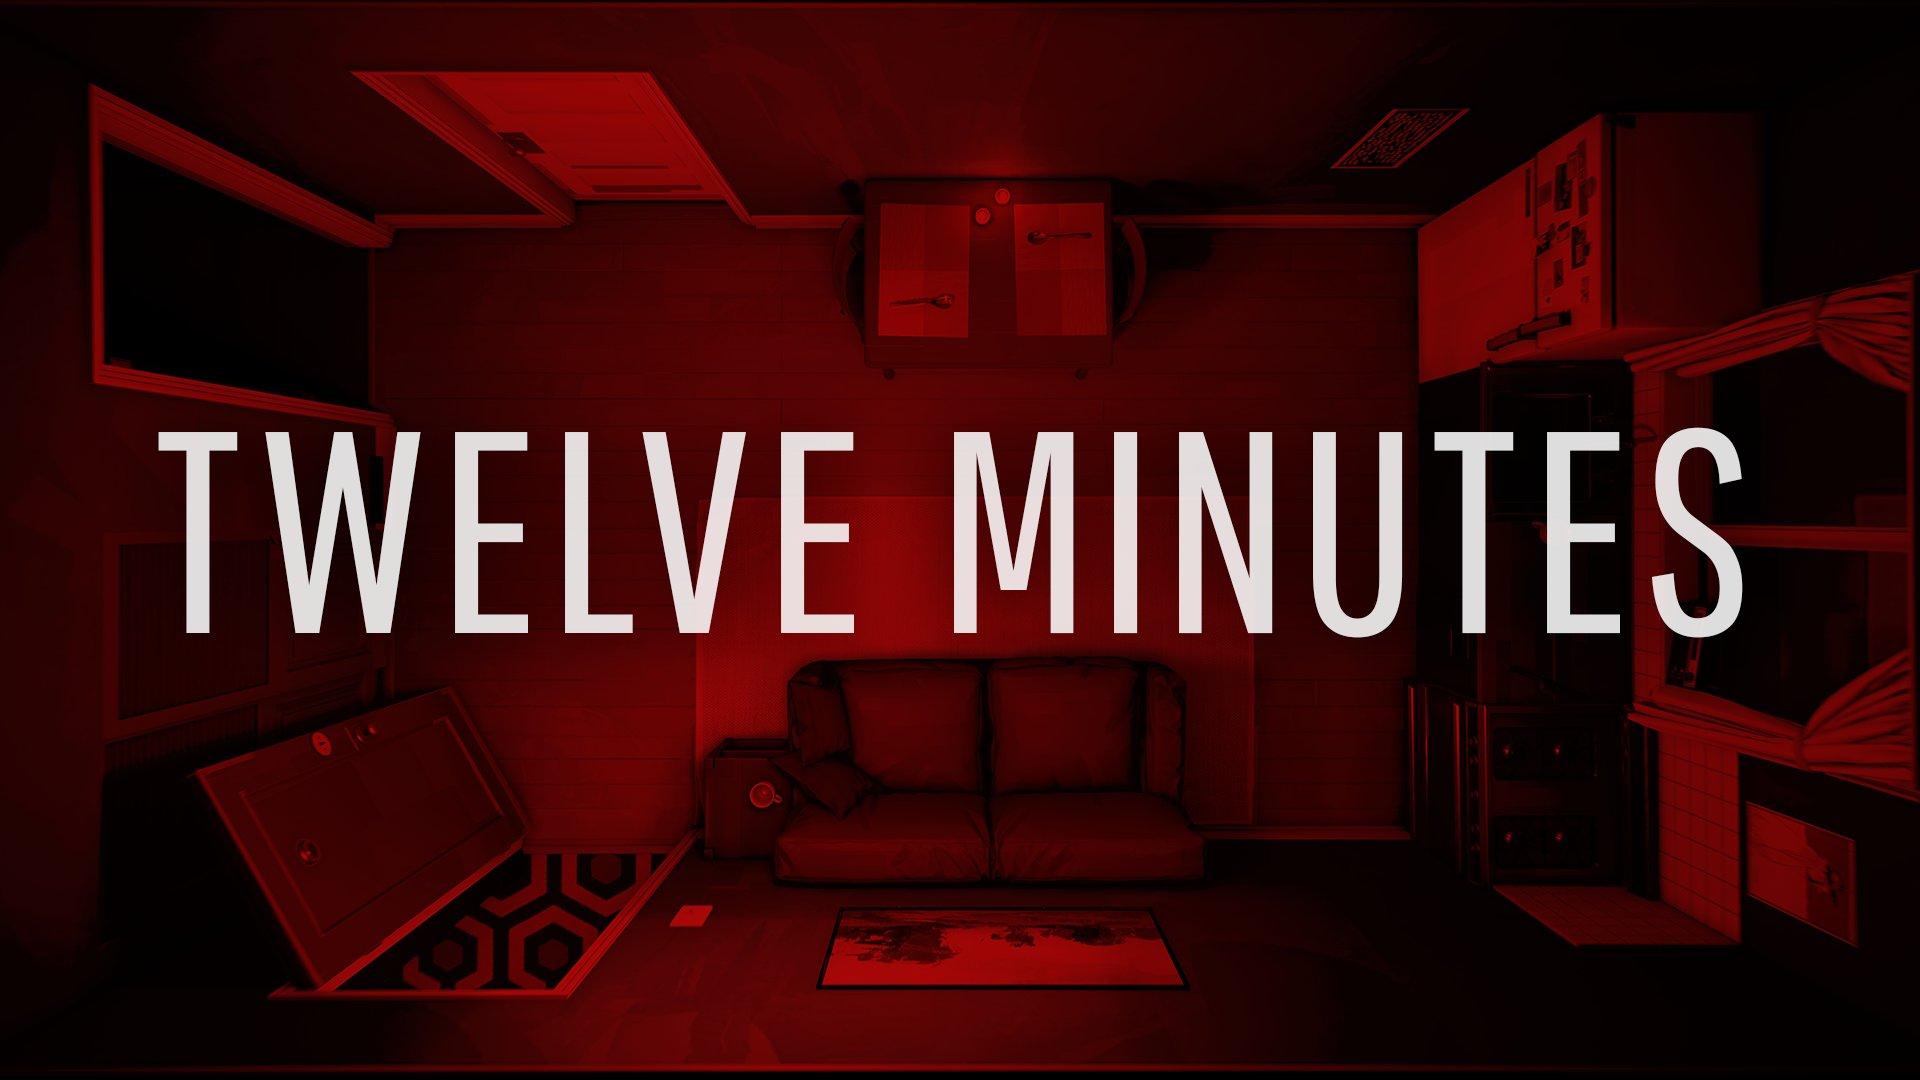 لانچ تریلر بازی Twelve Minutes